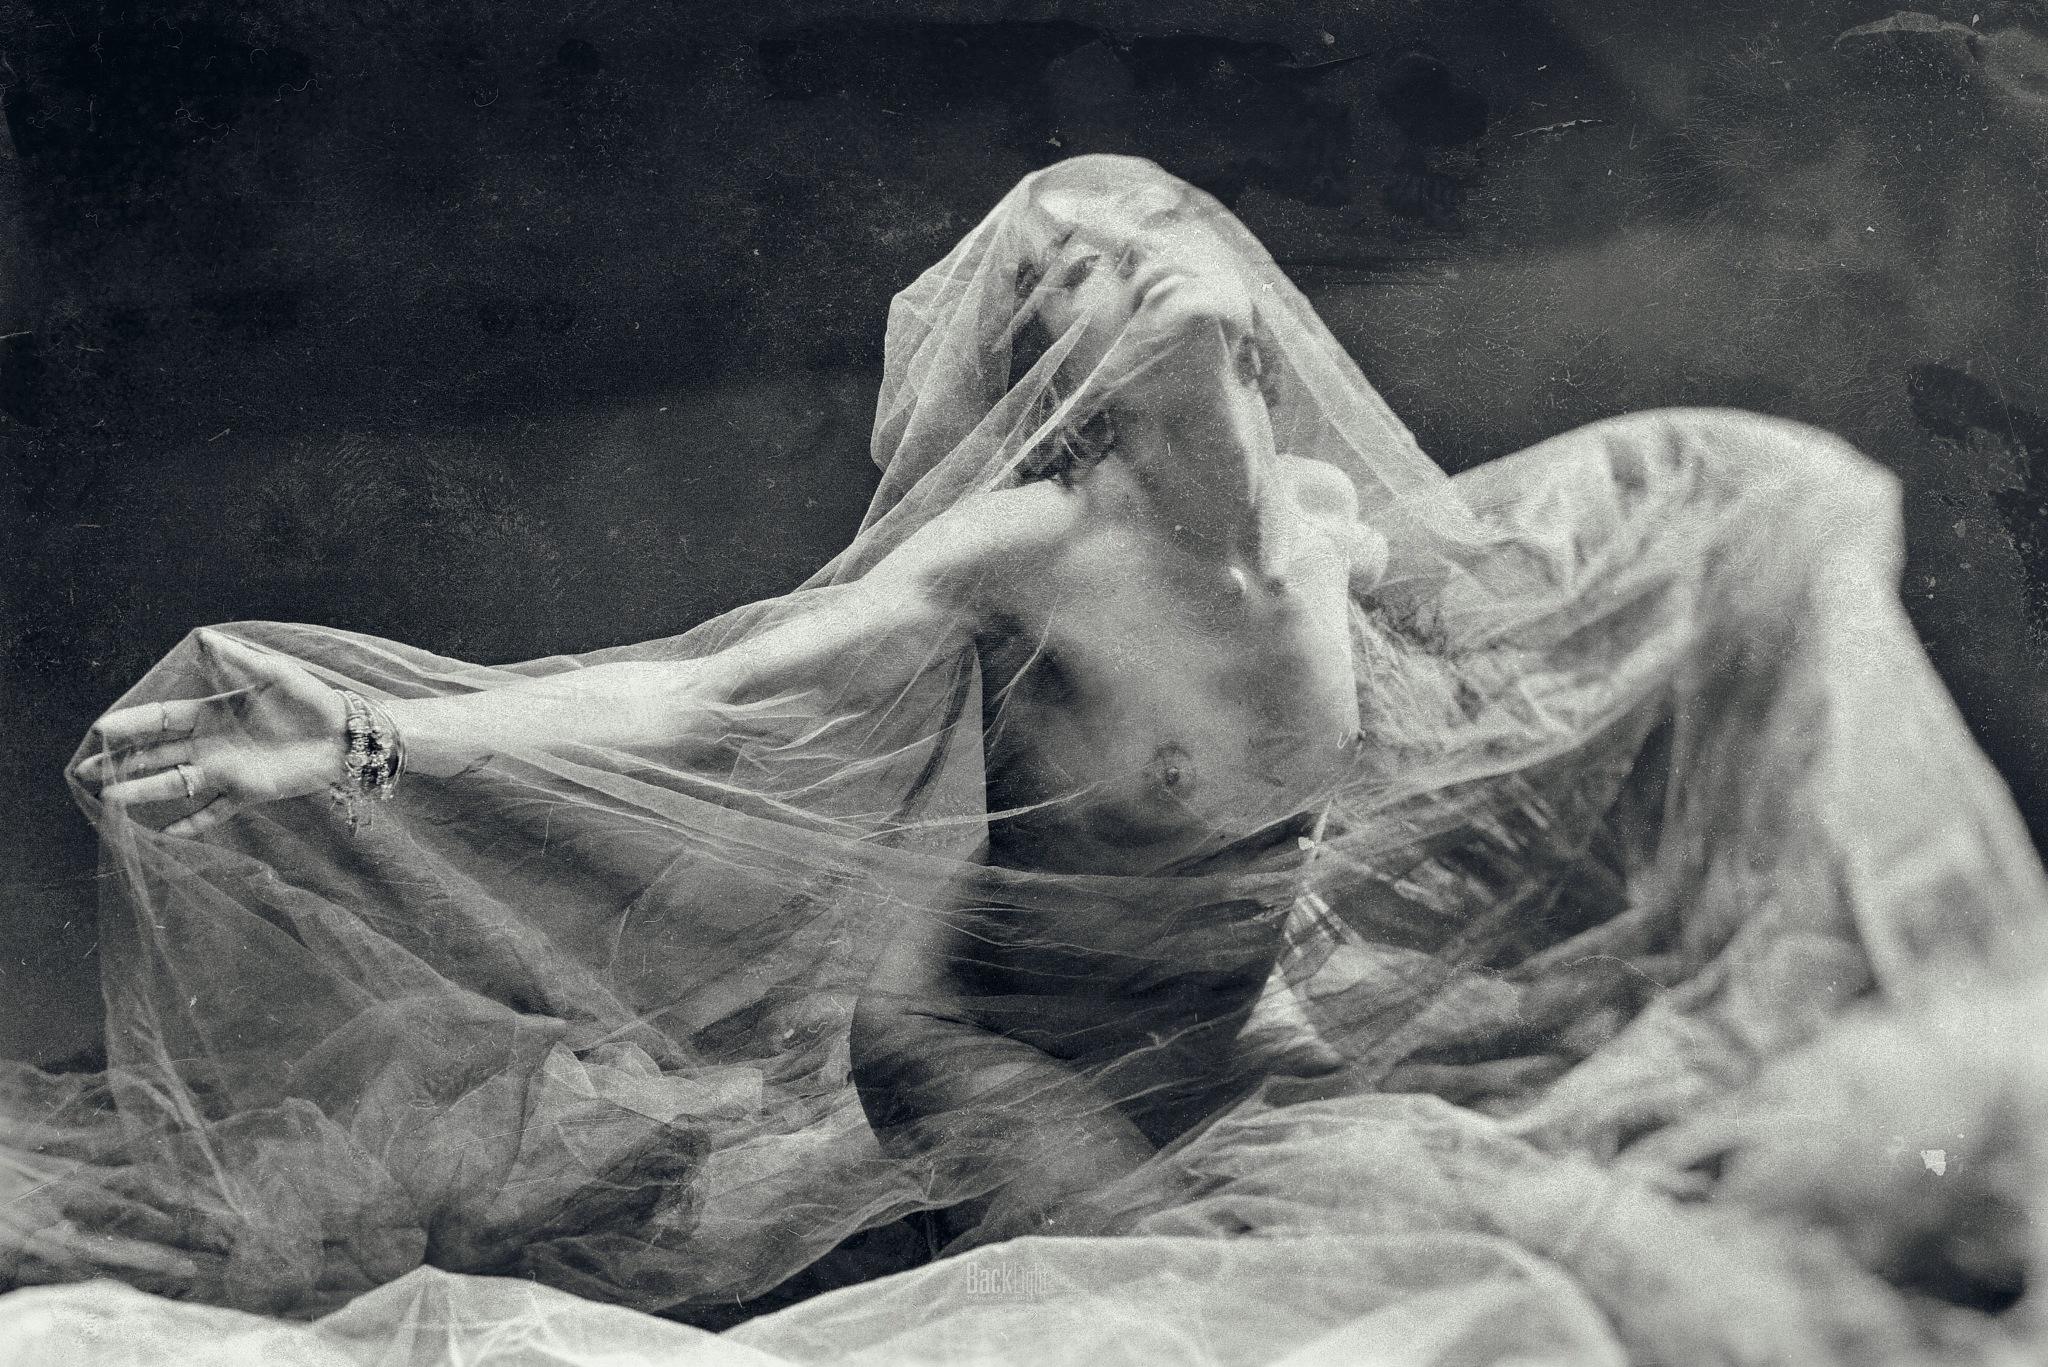 Ary by Fabio Crimaldi